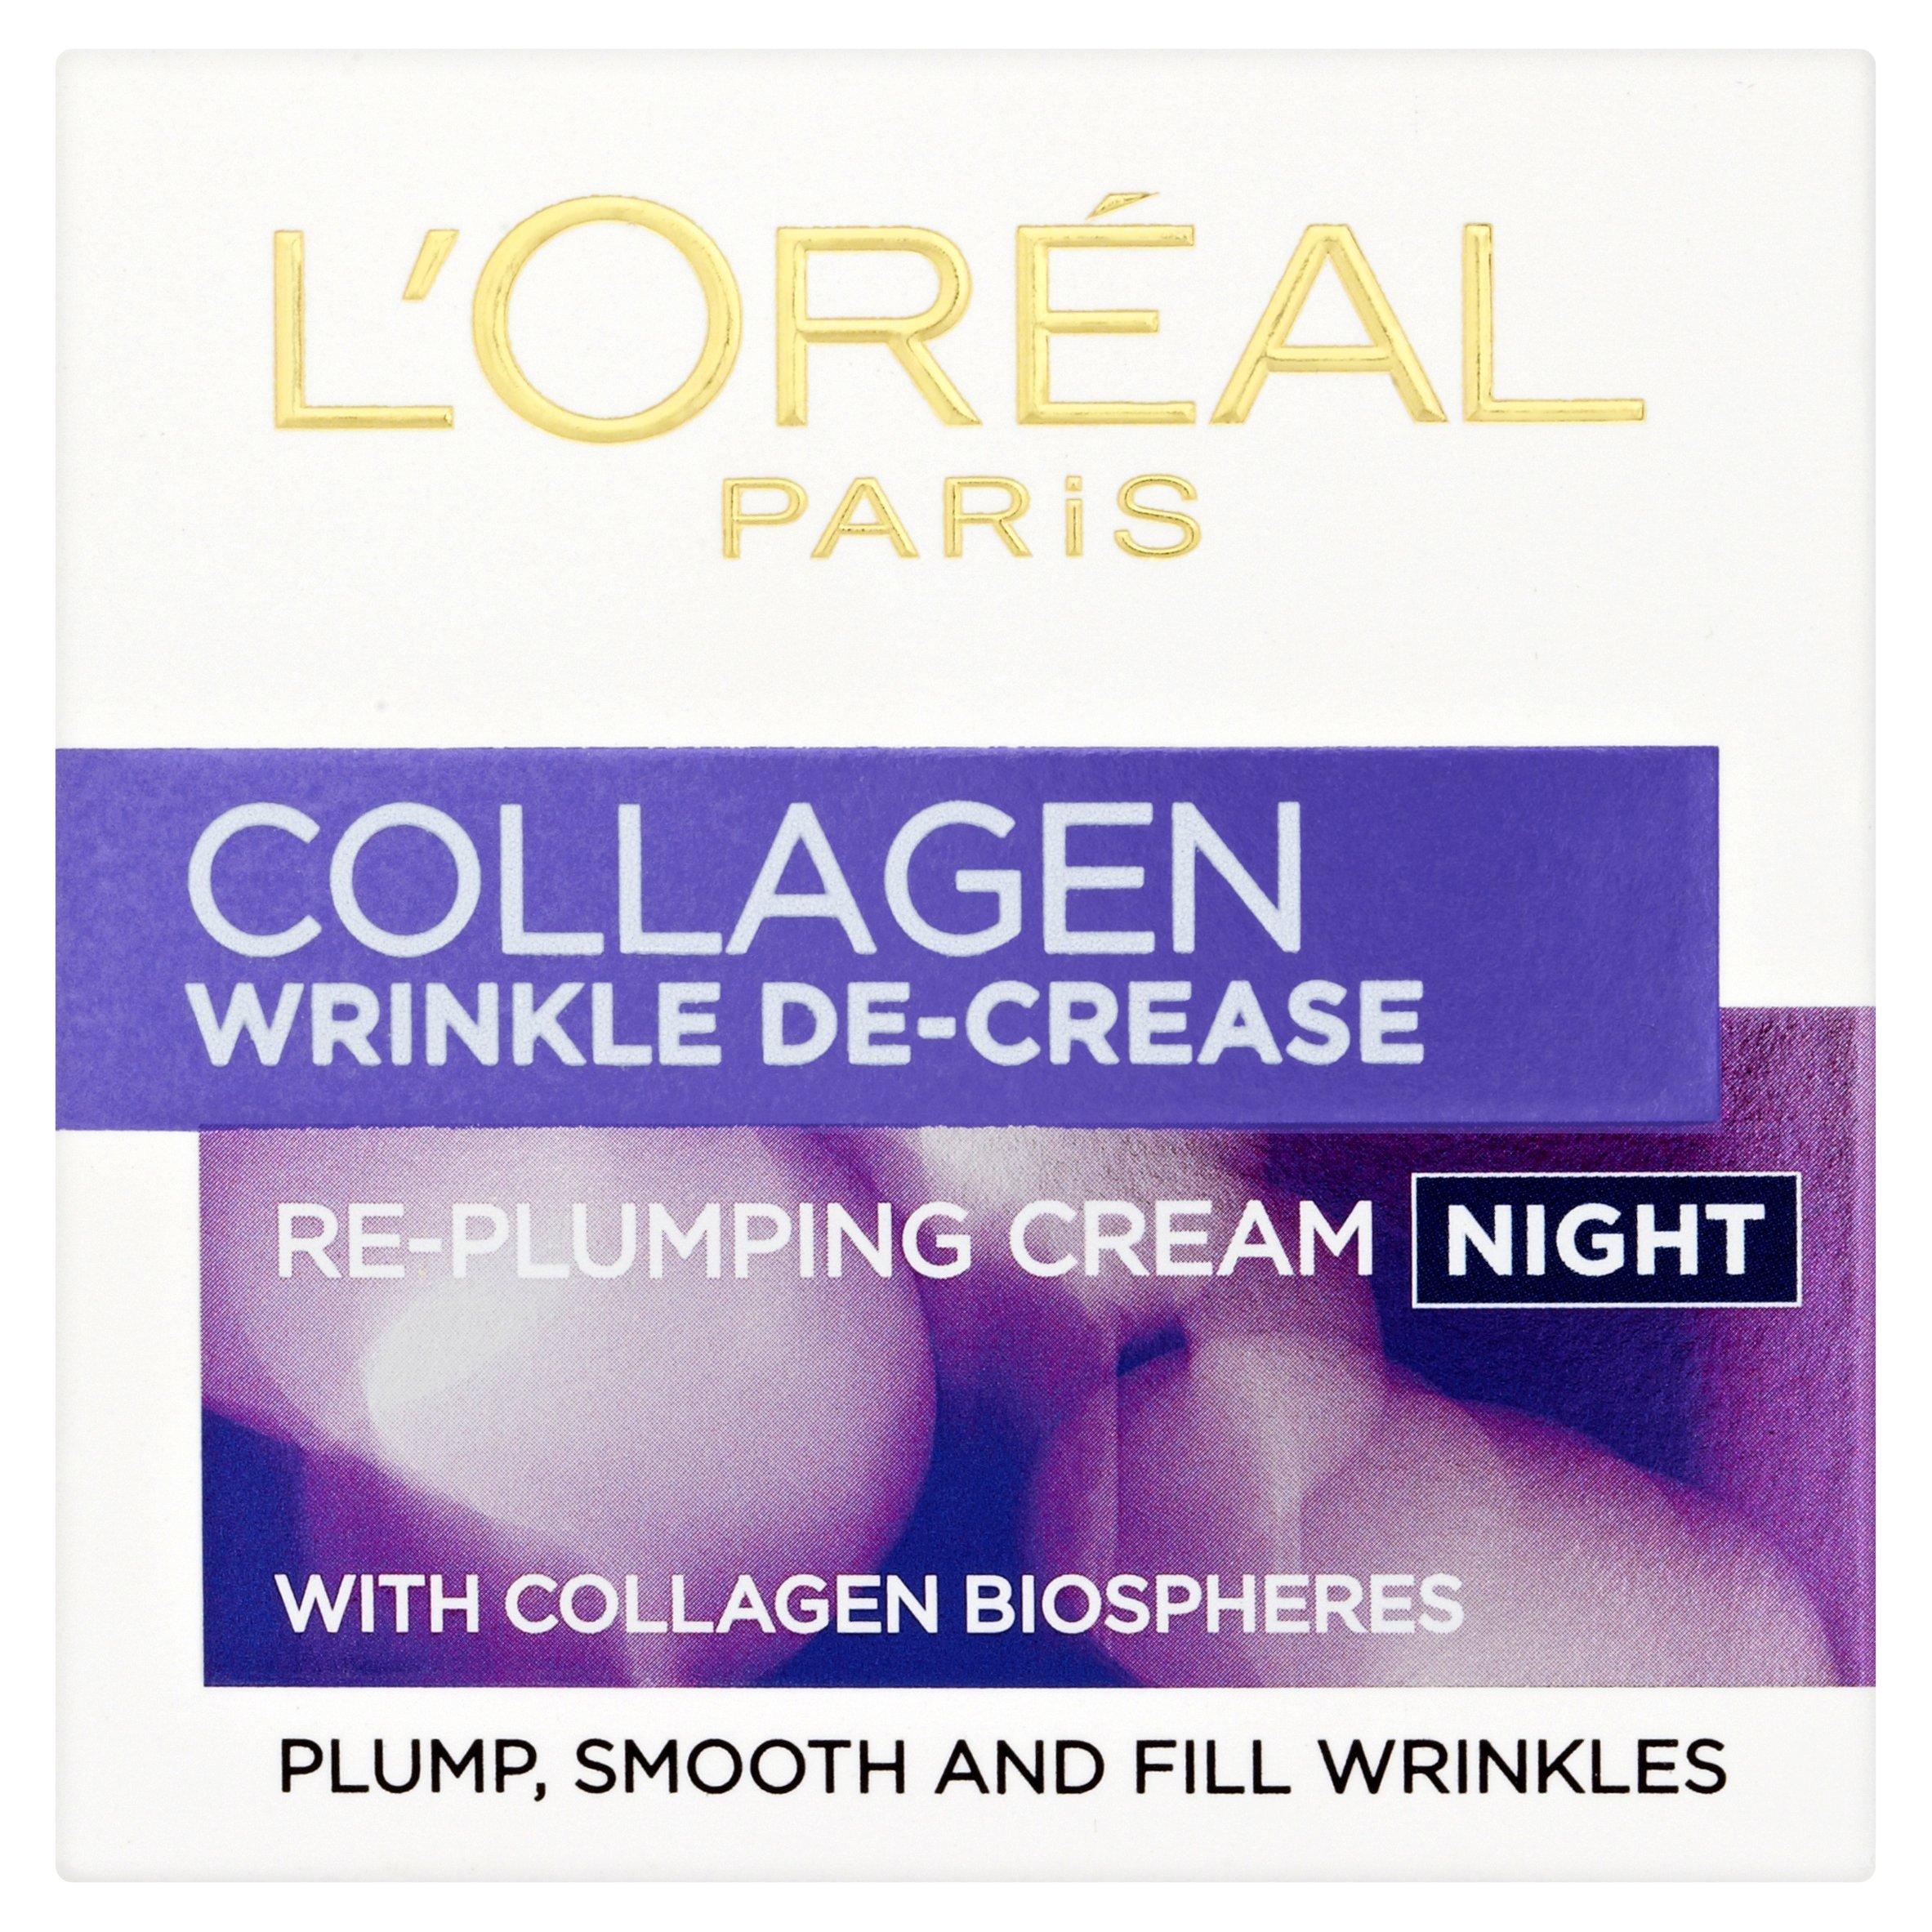 L'Oreal Wrinkle Decrease Night Cream, 50ml